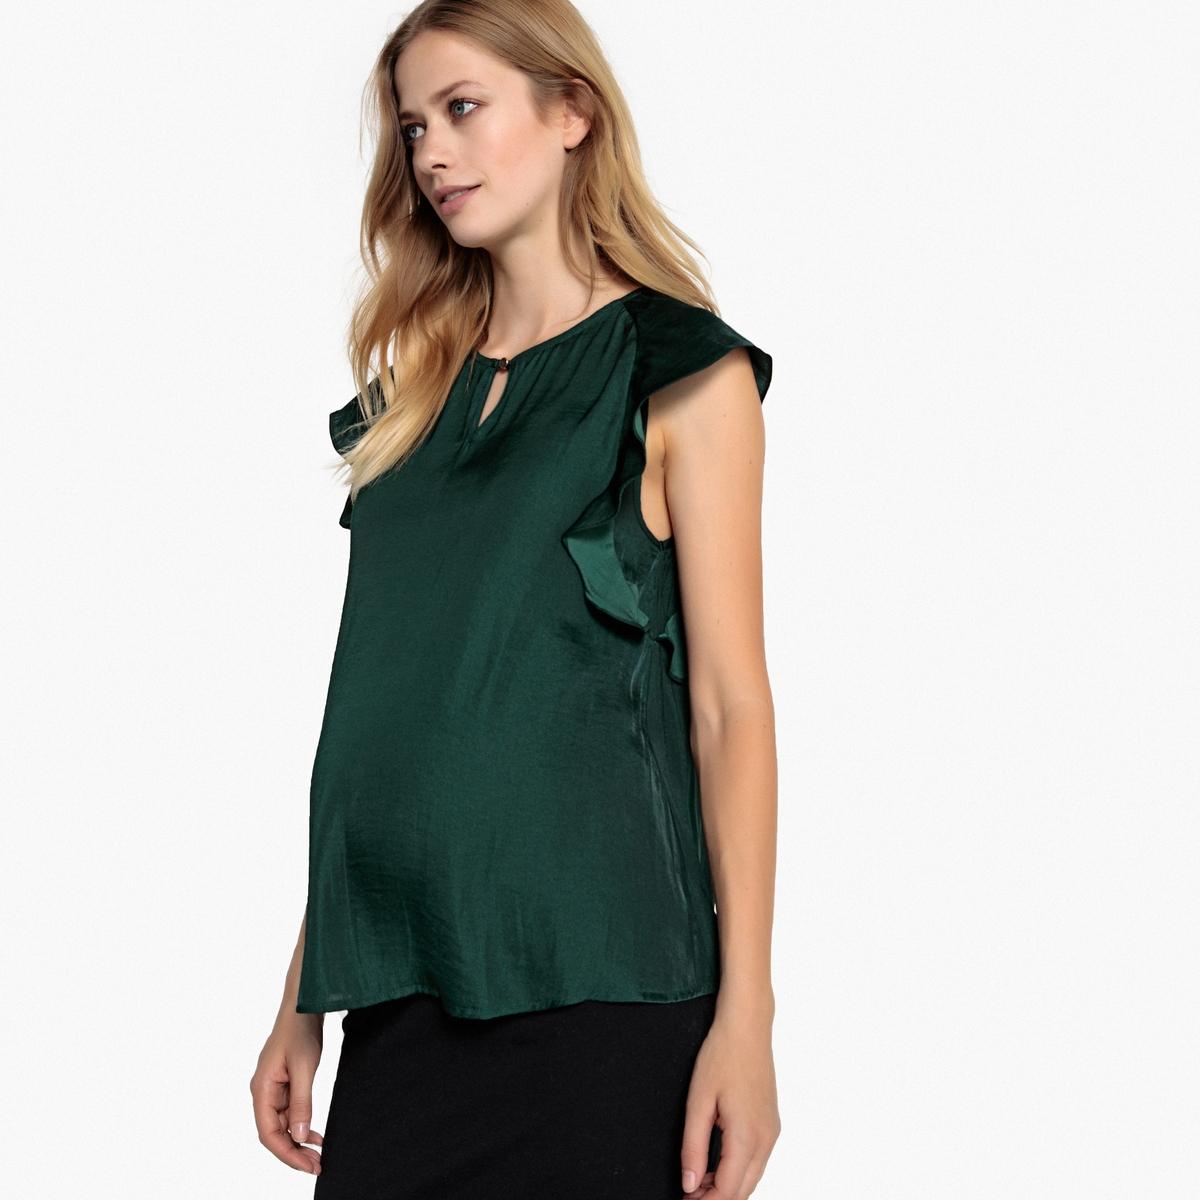 Блуза La Redoute С рукавами с воланами для периода беременности 36 (FR) - 42 (RUS) зеленый трусы la redoute для периода беременности шт 34 36 fr 40 42 rus белый